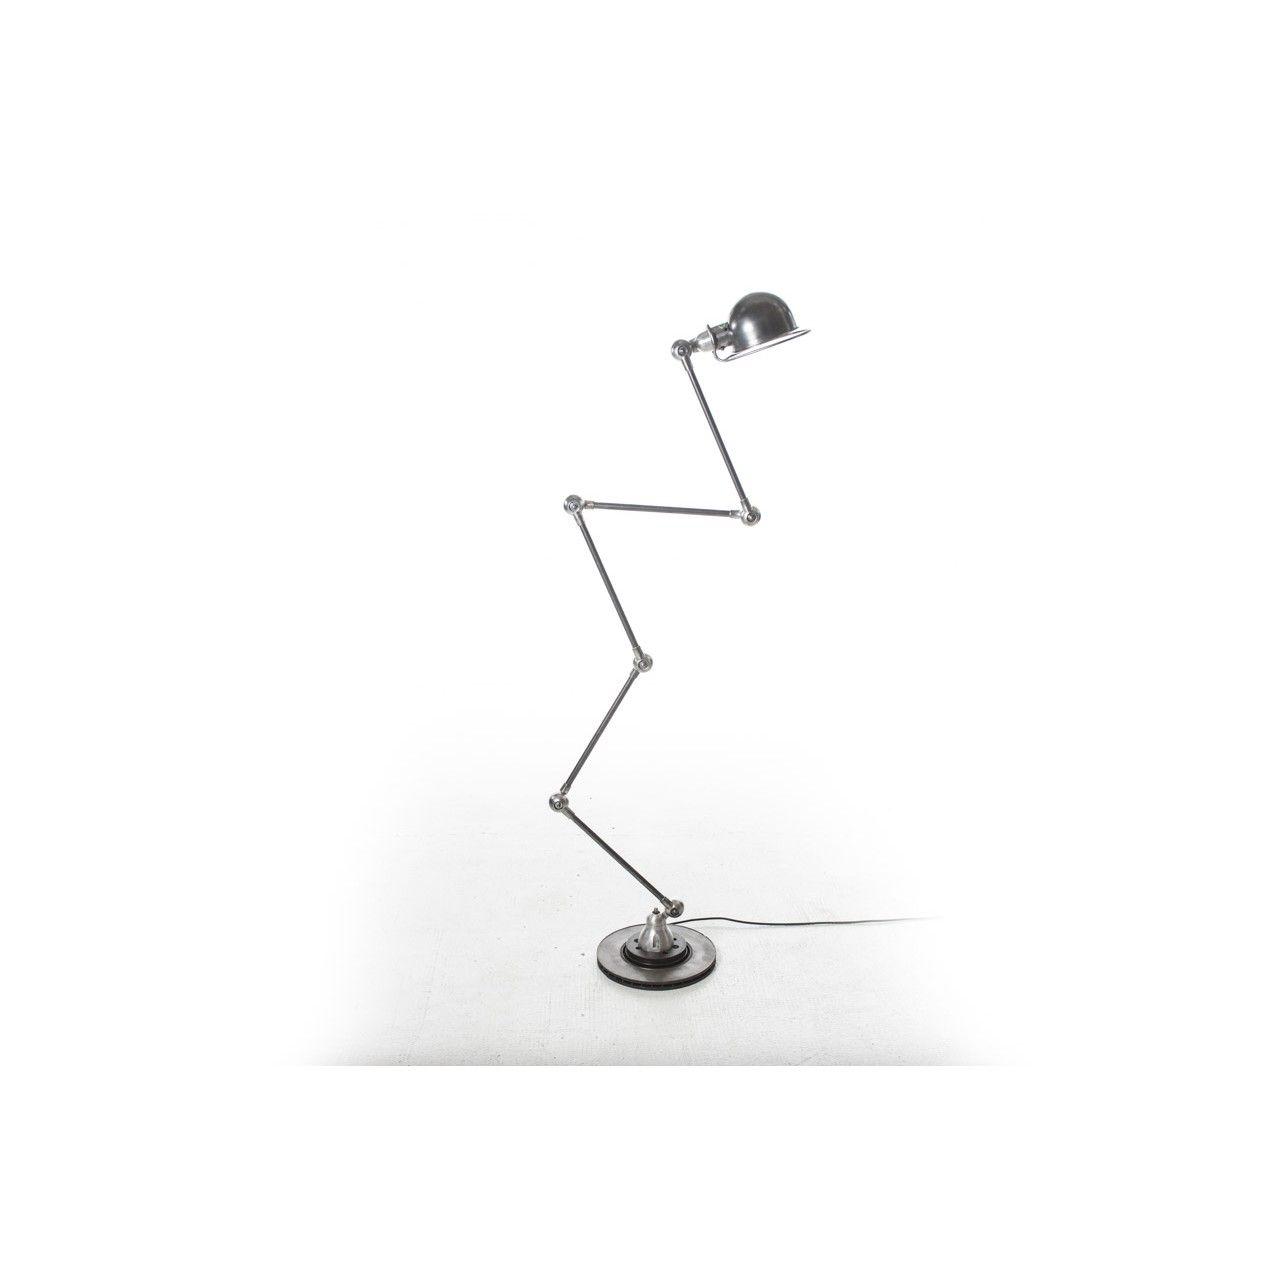 Lampada da terra snodabile designer Jean Louis Domecq produttore Jielde paese Francia anni 50 colore grigio in metallo